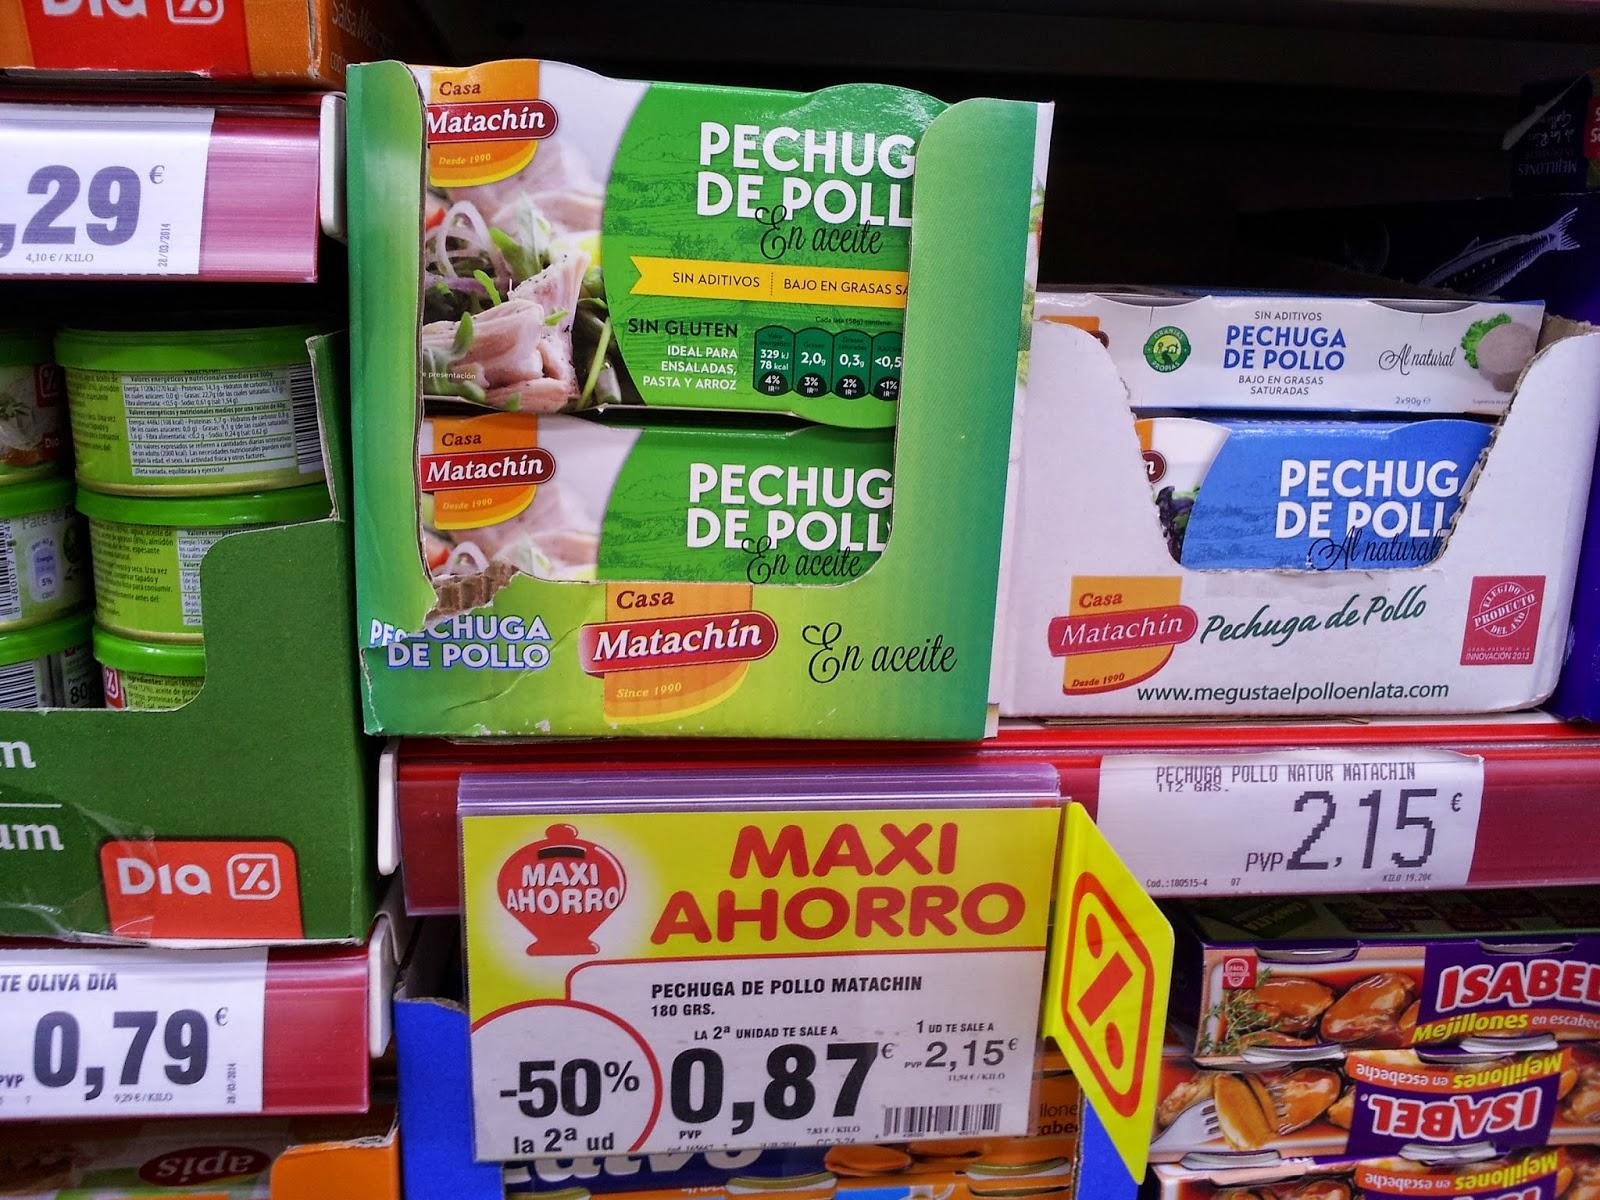 Pechuga de pollo en lata  Casa Matachín DIA -50% 2ª unidad